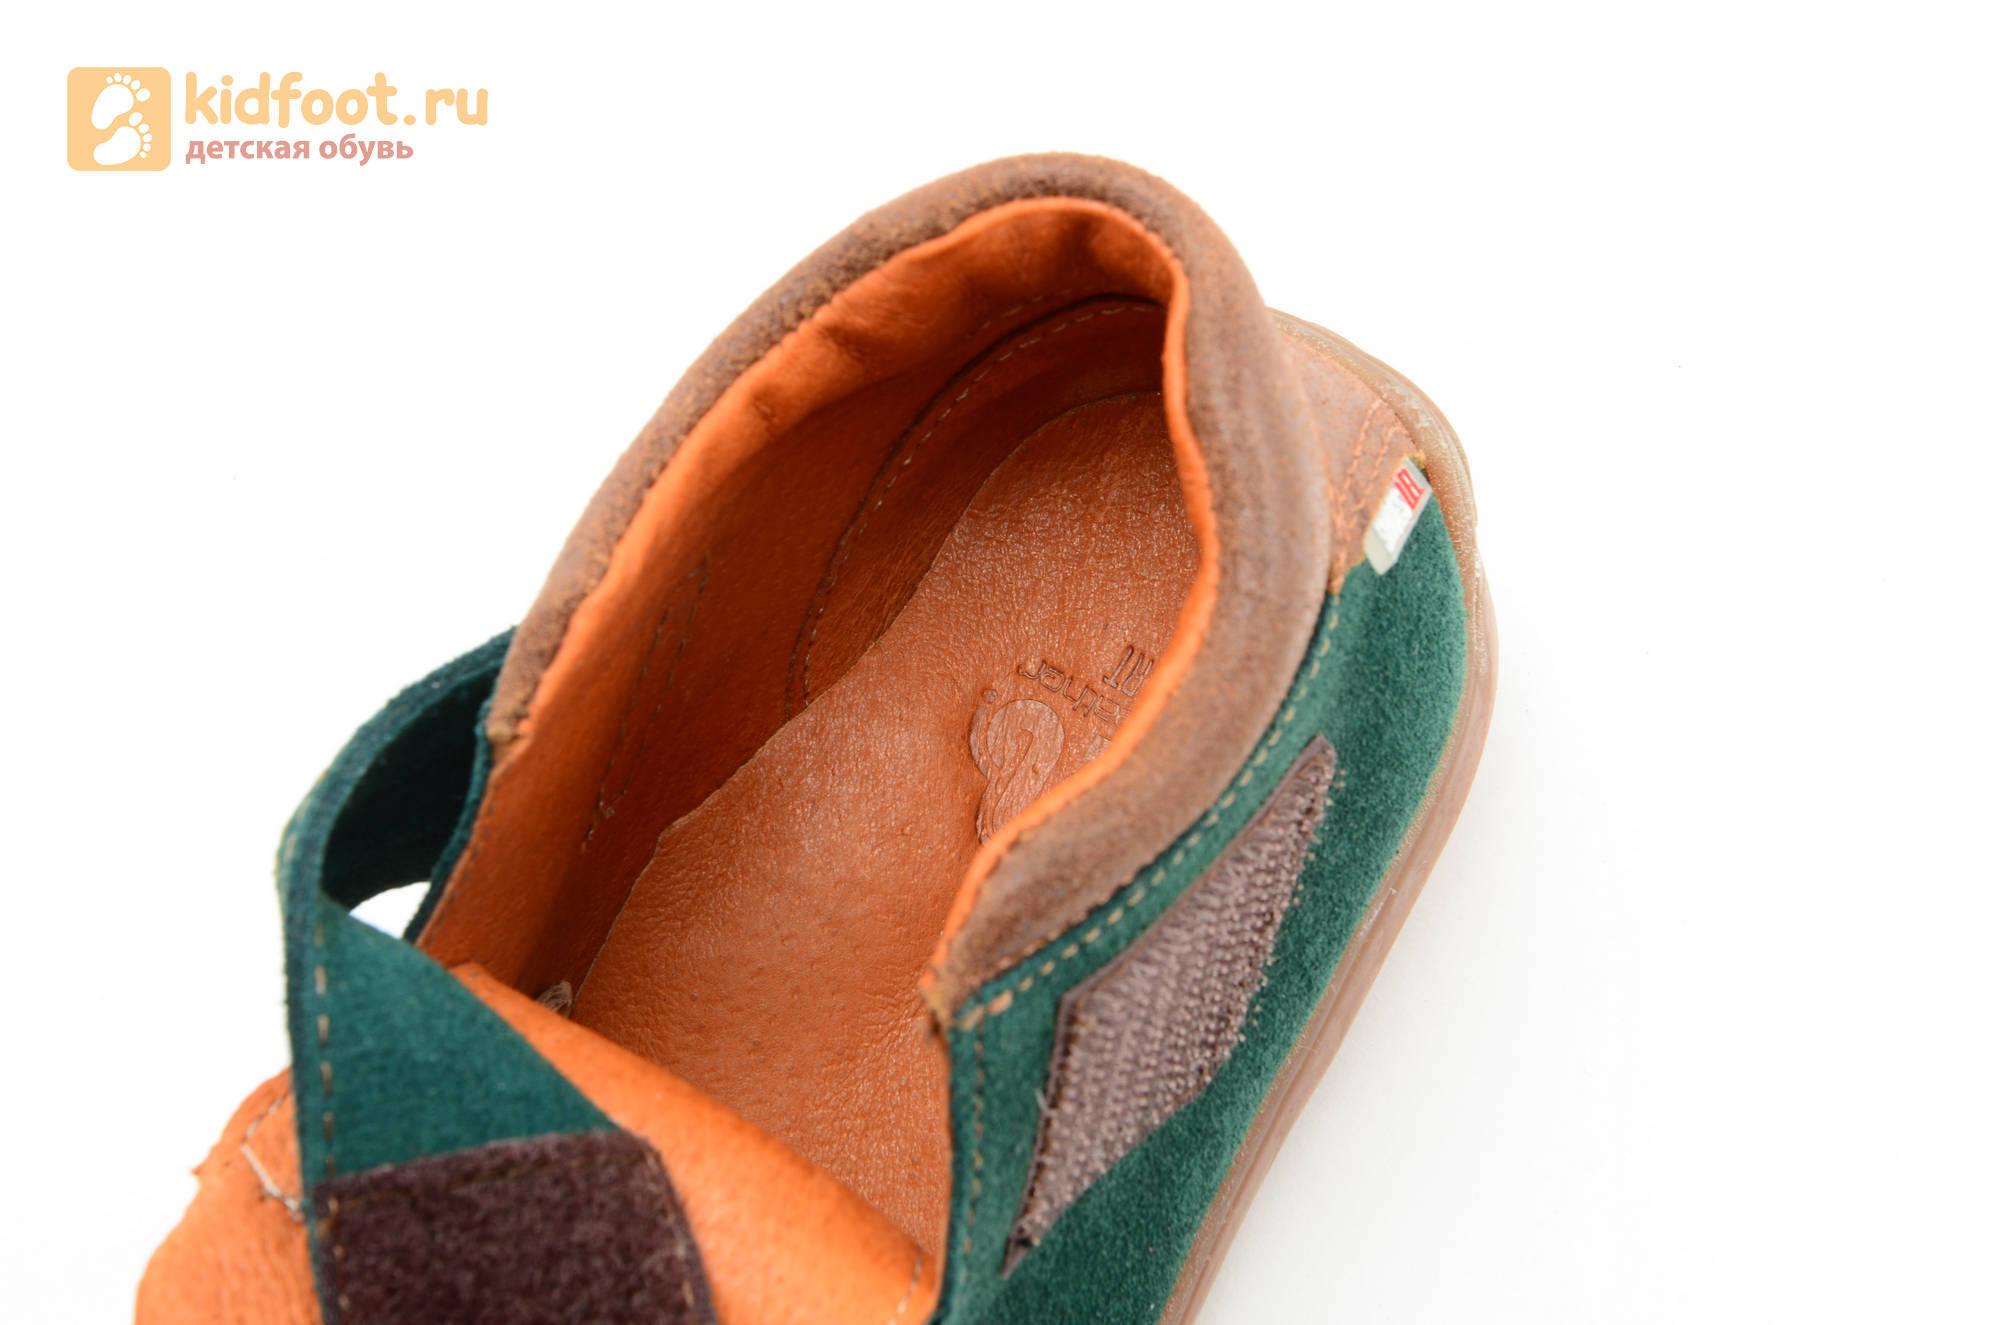 Ботинки для мальчиков кожаные Лель (LEL) на липучке, цвет зеленый